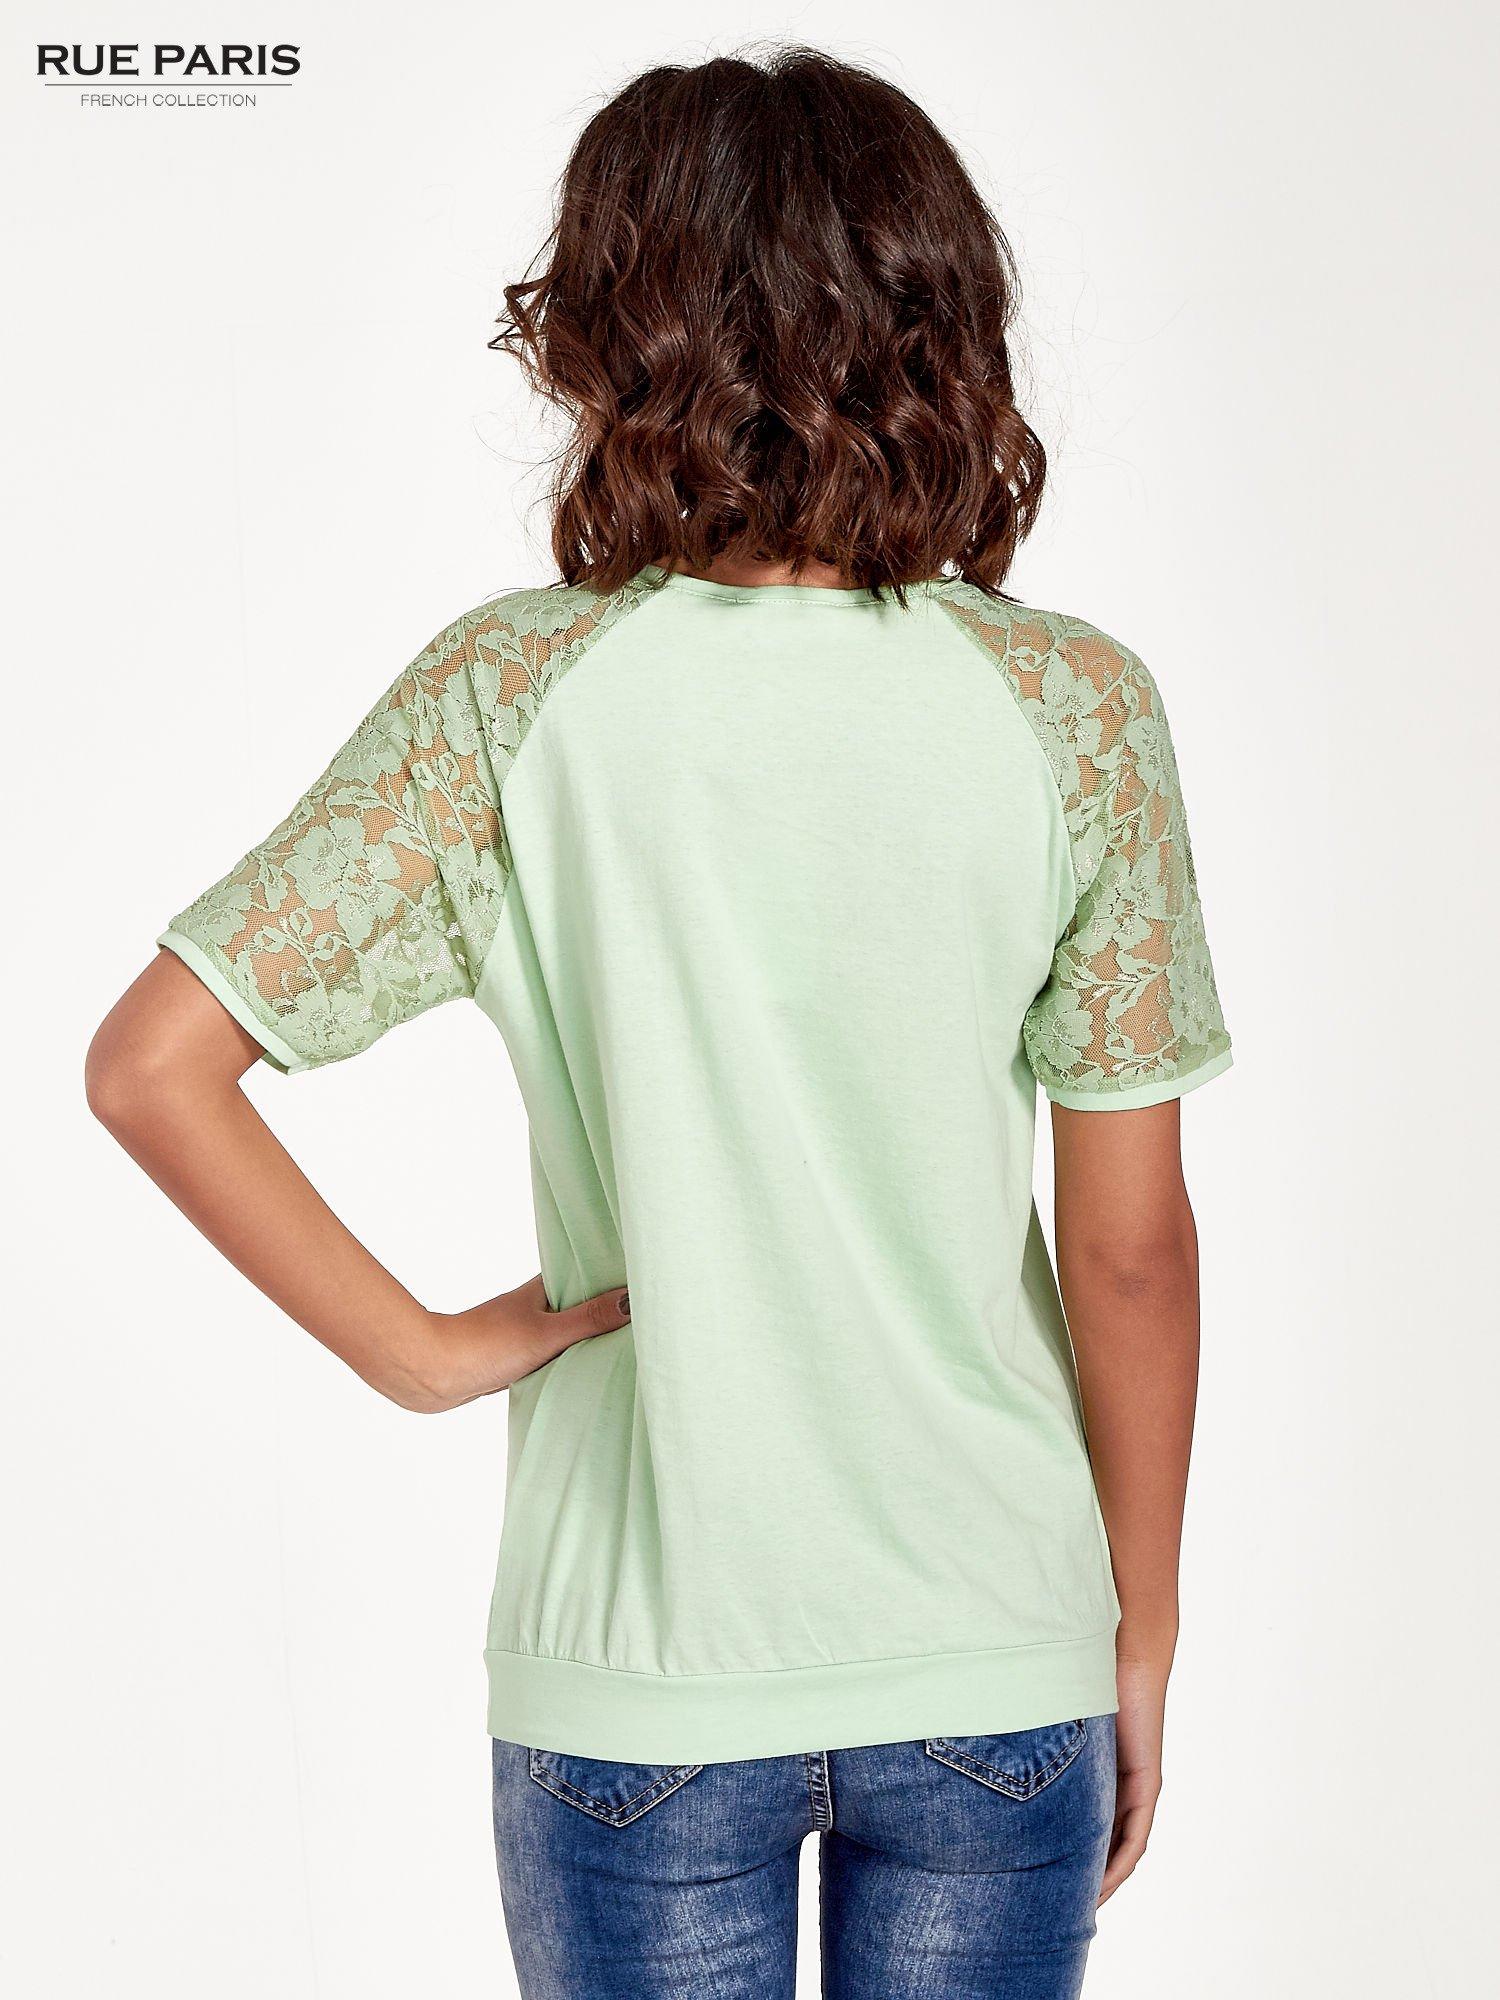 Jasnozielony t-shirt z koronkowymi rękawami długości 3/4                                  zdj.                                  4